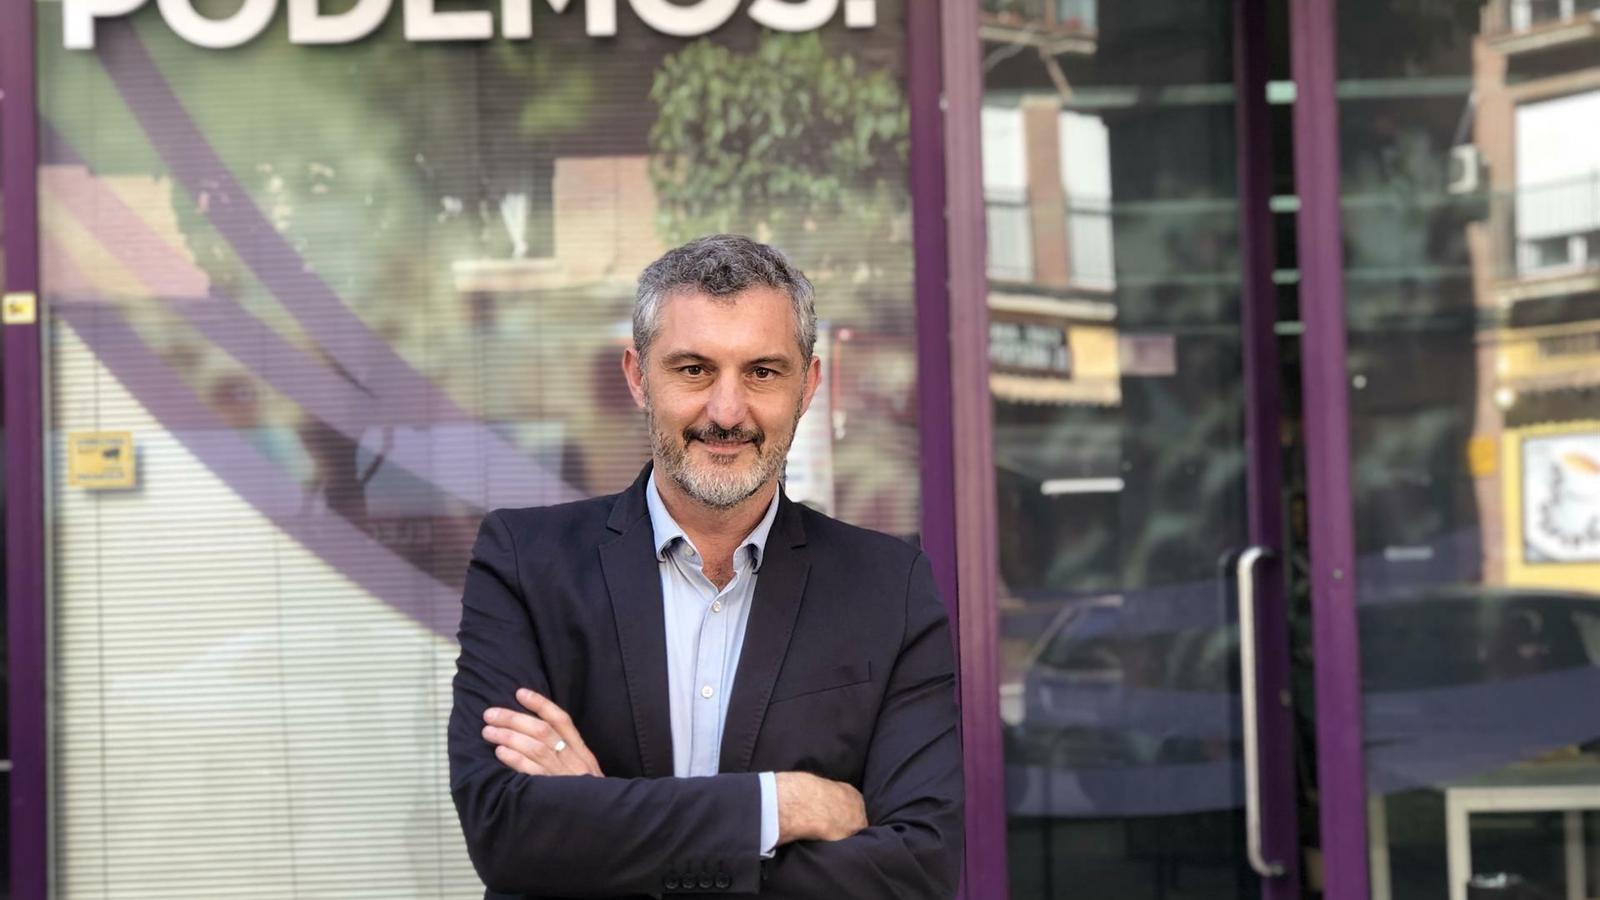 La direcció de Podem a Múrcia abandona el partit per encapçalar la llista del partit d'Errejón